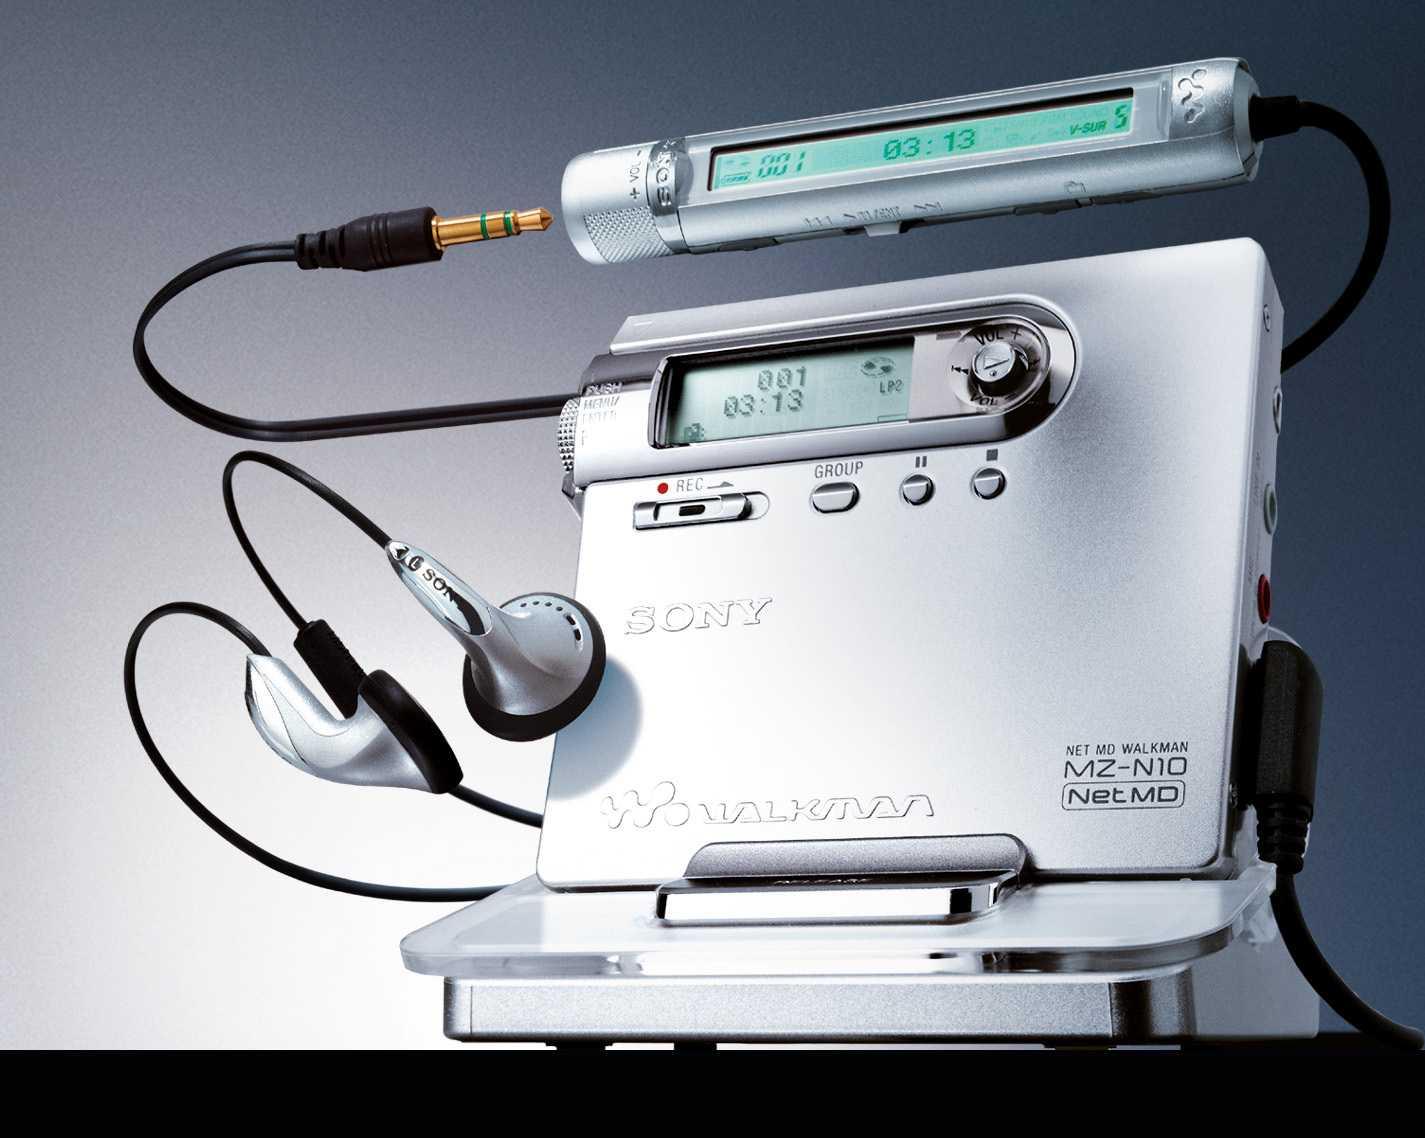 Einen der letzten MiniDisc-Spieler präsentierte Sony im Jahr 2003 mit dem MZ-N 10. Der durfte zwar an den PC; MP3-Musik musste aber verlustbehaftet und zeitraubend ins hauseigene Atrac-Format konvertiert werden. Zu der Zeit kamen auch die ersten MP3-fähigen CD-Portis auf; CD-Brenner waren längst im Massenmarkt angekommen, der iPod da - das war's.